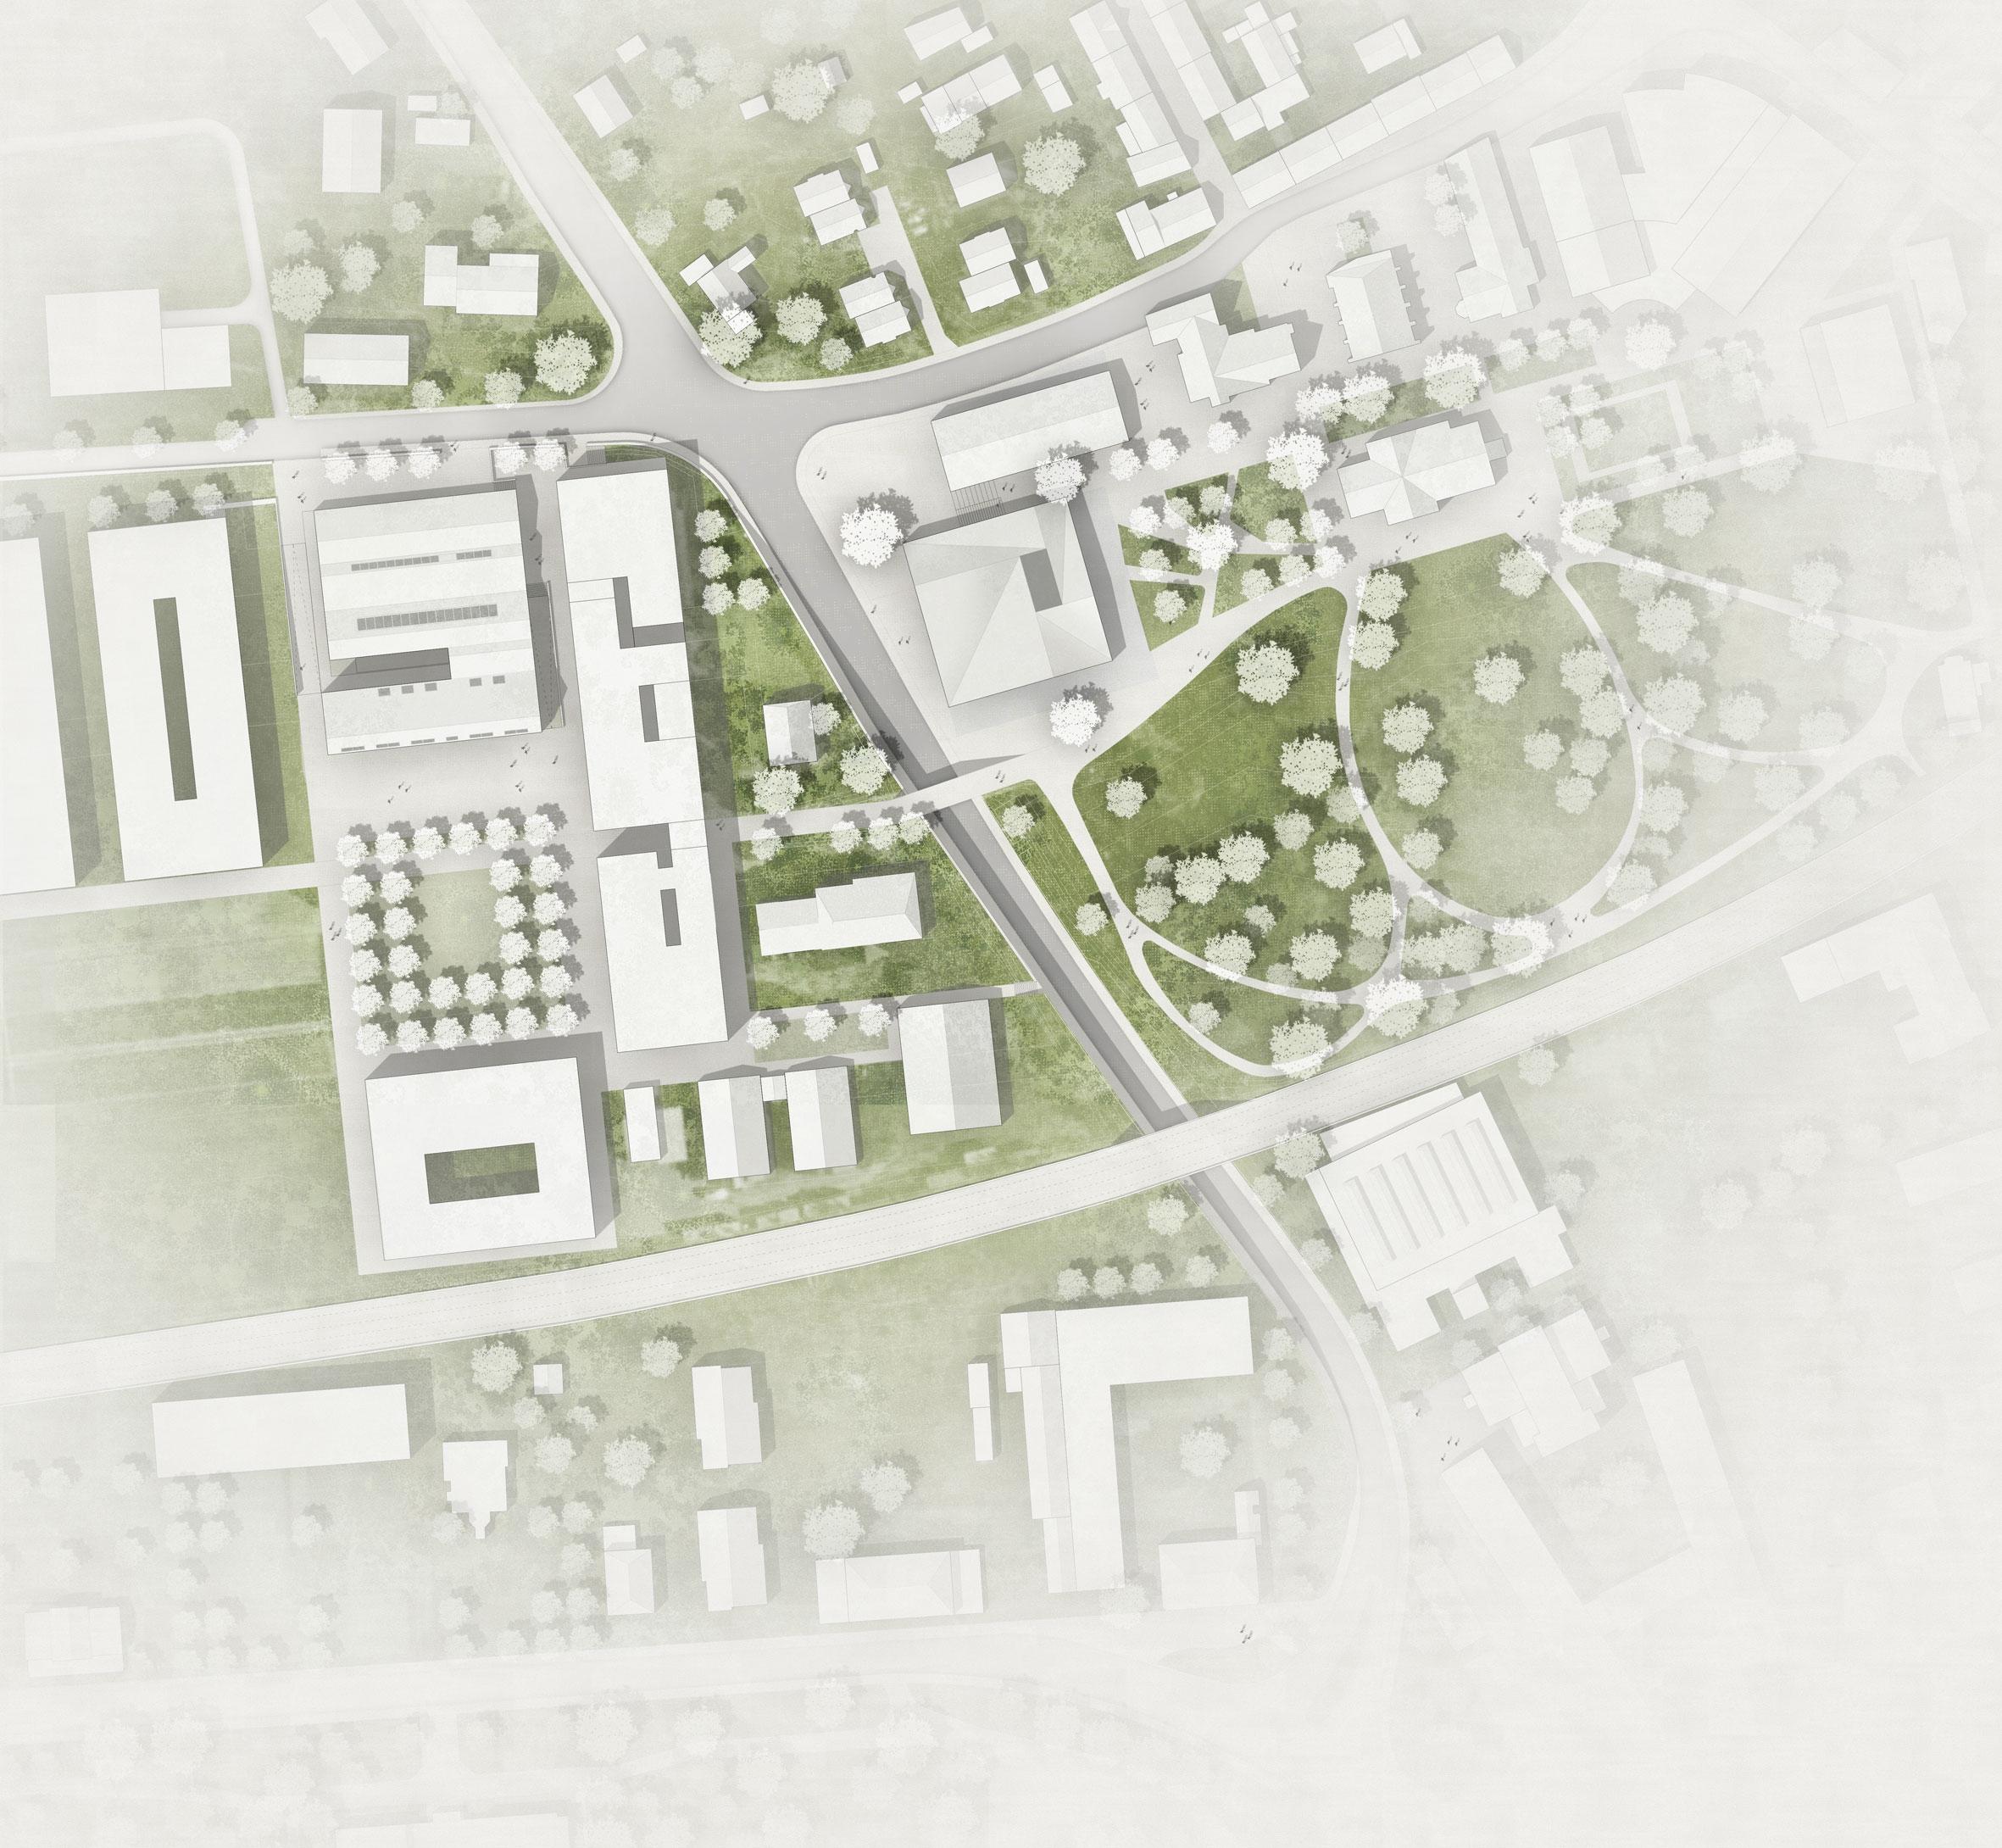 Nett Städtebauliches Praktikum Lebenslauf Zeitgenössisch - Beispiel ...